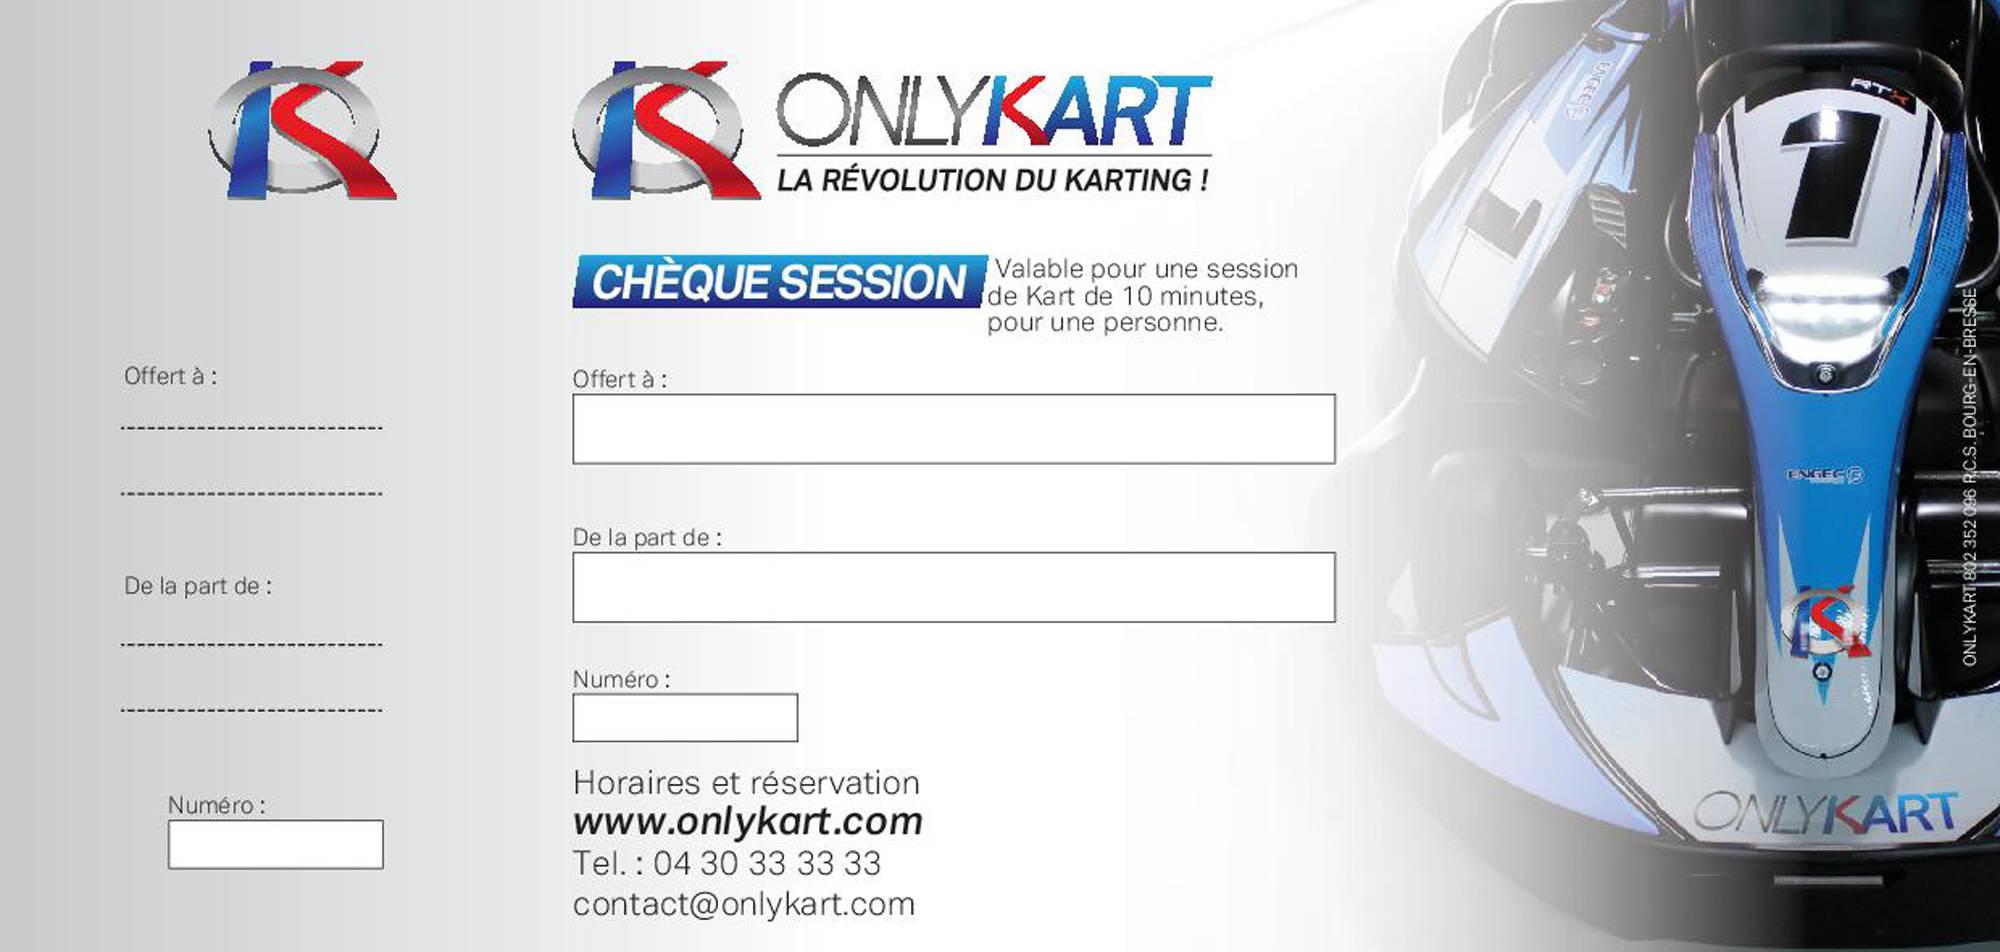 chèque cadeau session karting lyon